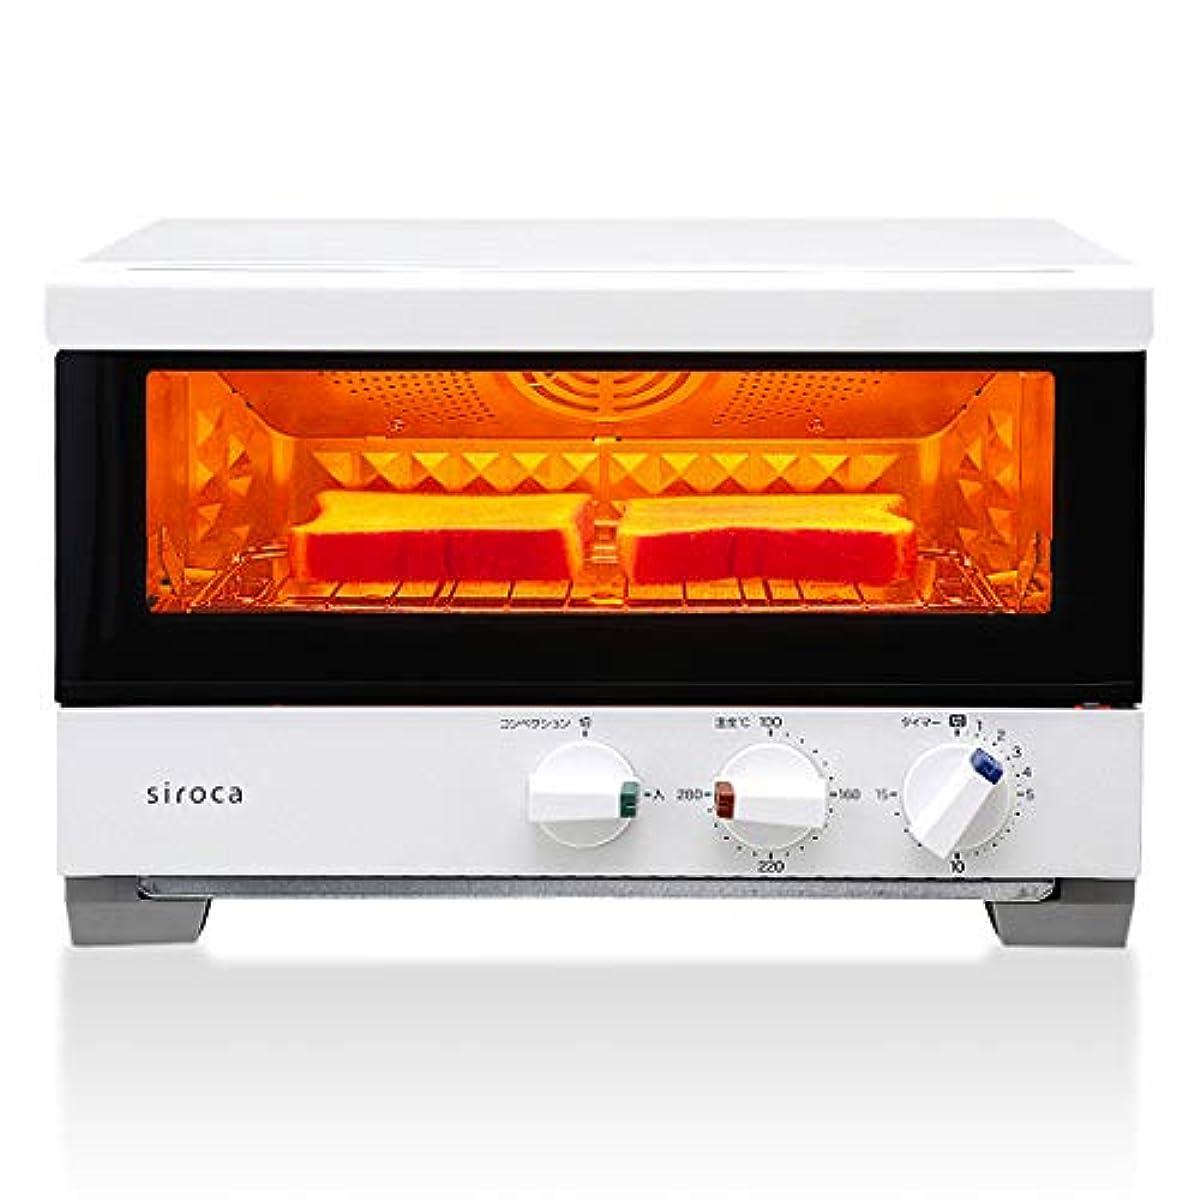 [해외] 시로카 프리미엄 오븐 토스터기 #으면 질투해(2매) ST-2A251 화이트 [1분에 최상급 토스트/논프라이 조리/콘베쿠숀/오븐/반찬이 따뜻하게 고쳐/문의 분리가/레시피부]